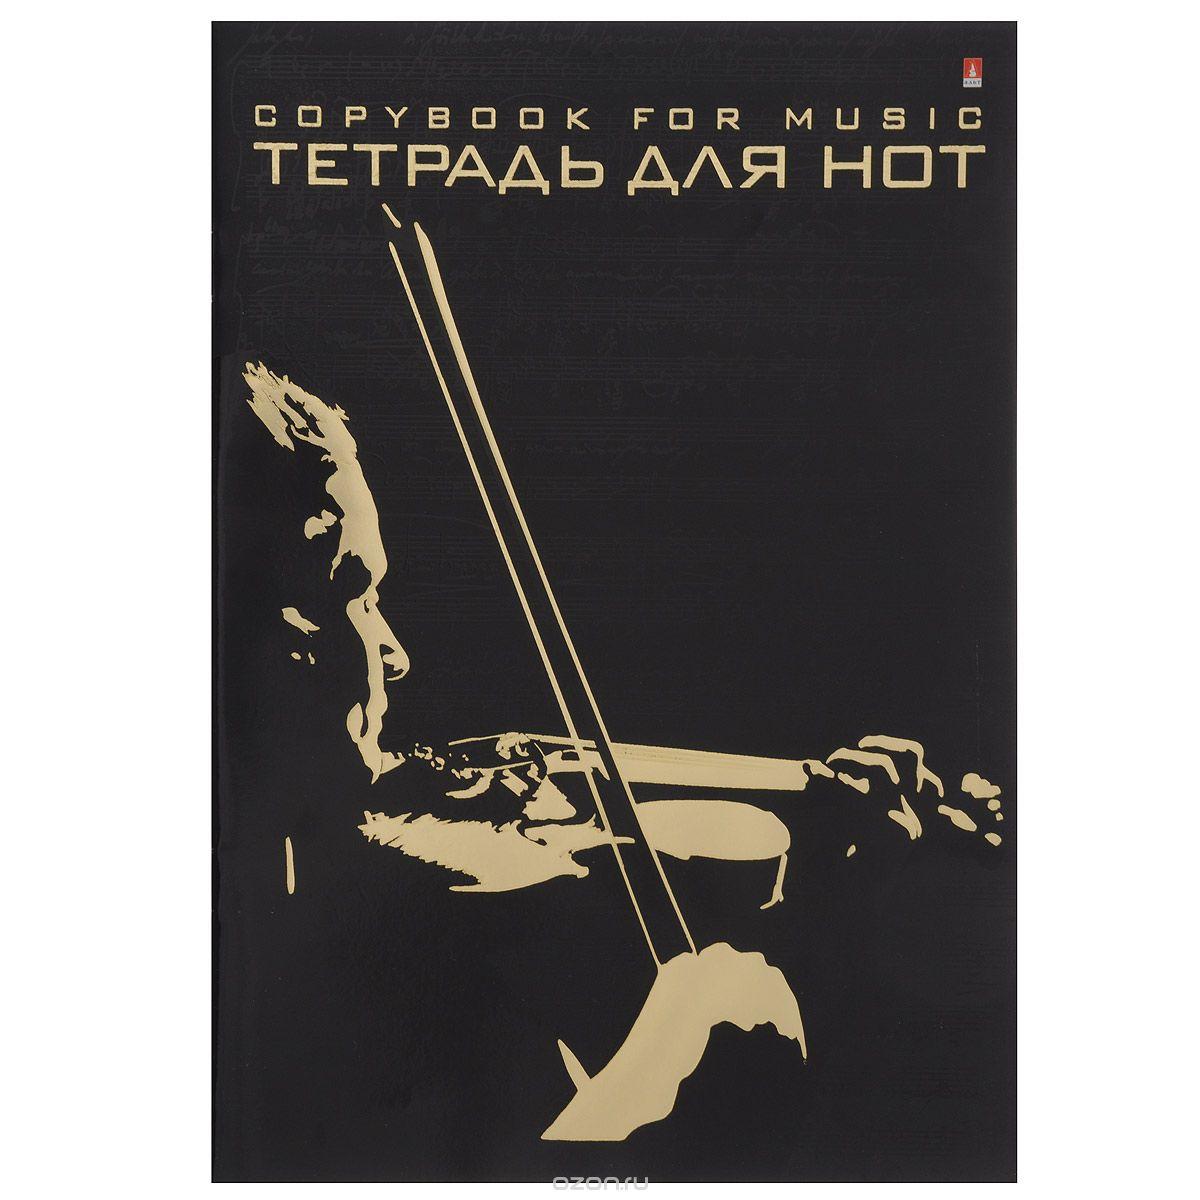 Тетрадь для нот Альт, 16 листов, формат А4. 5-16-0085-16-008Тетрадь для нот Альт изготовлена из высококачественной мелованной бумаги, а обложка из плотного картона. Формат листов А4.